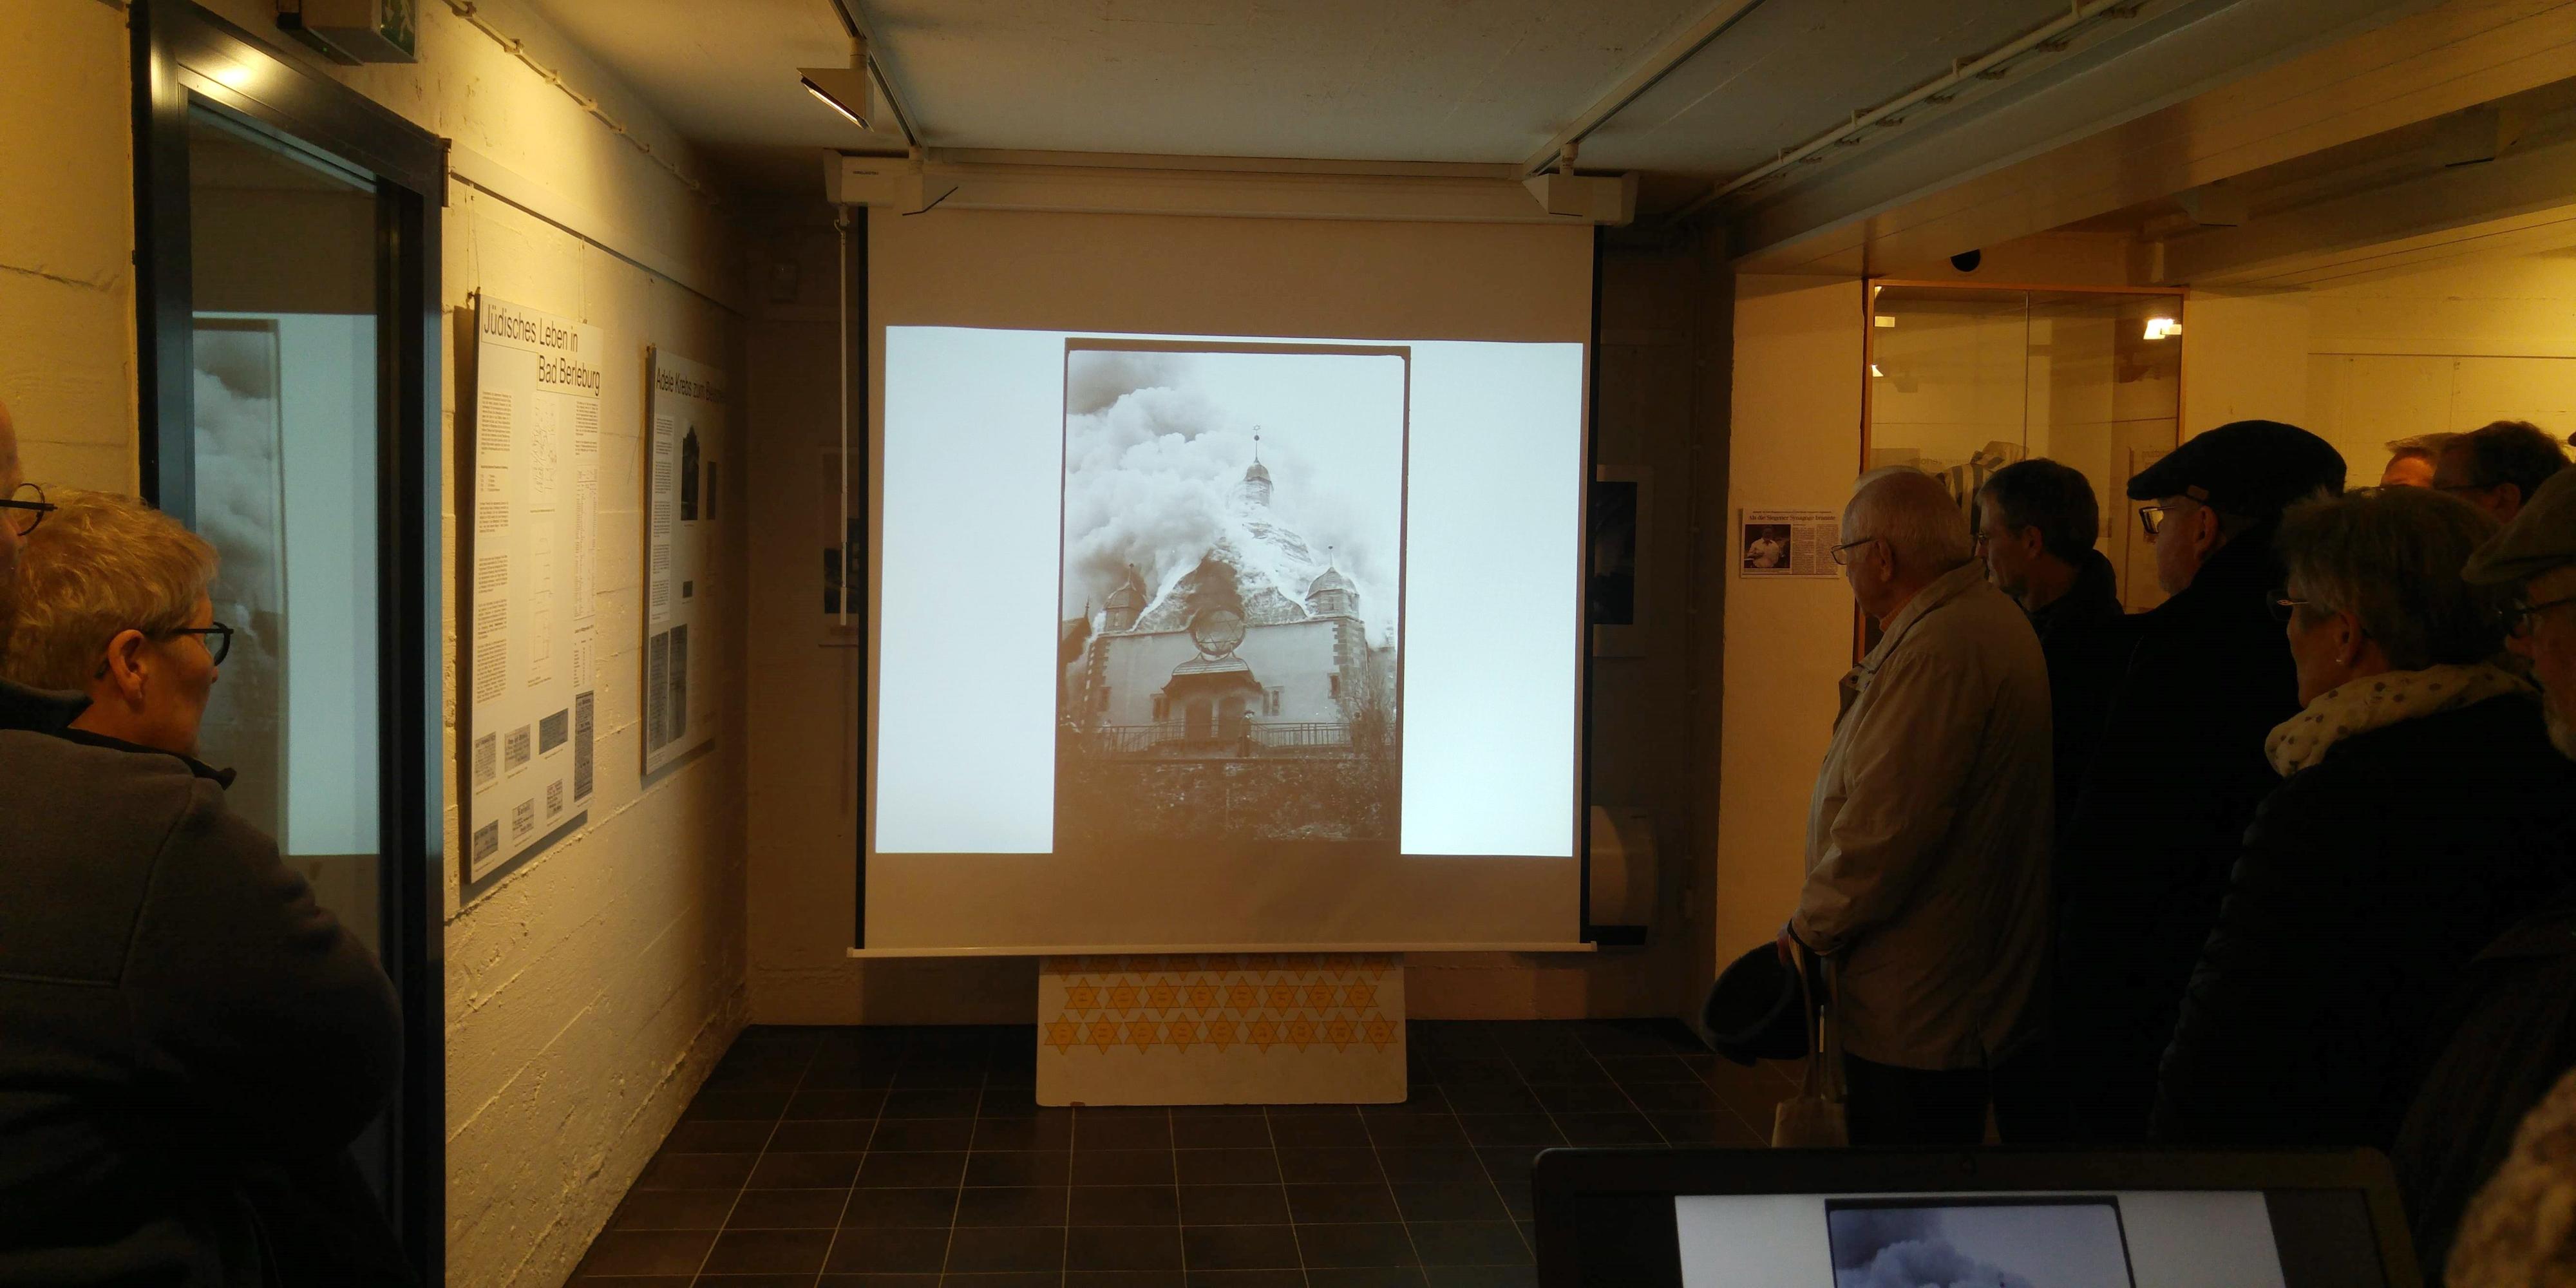 Foto (Wilfried Lerchstein): Vorführung der Bilderserie zur niederbrennenden Synagoge im Aktiven Museum.